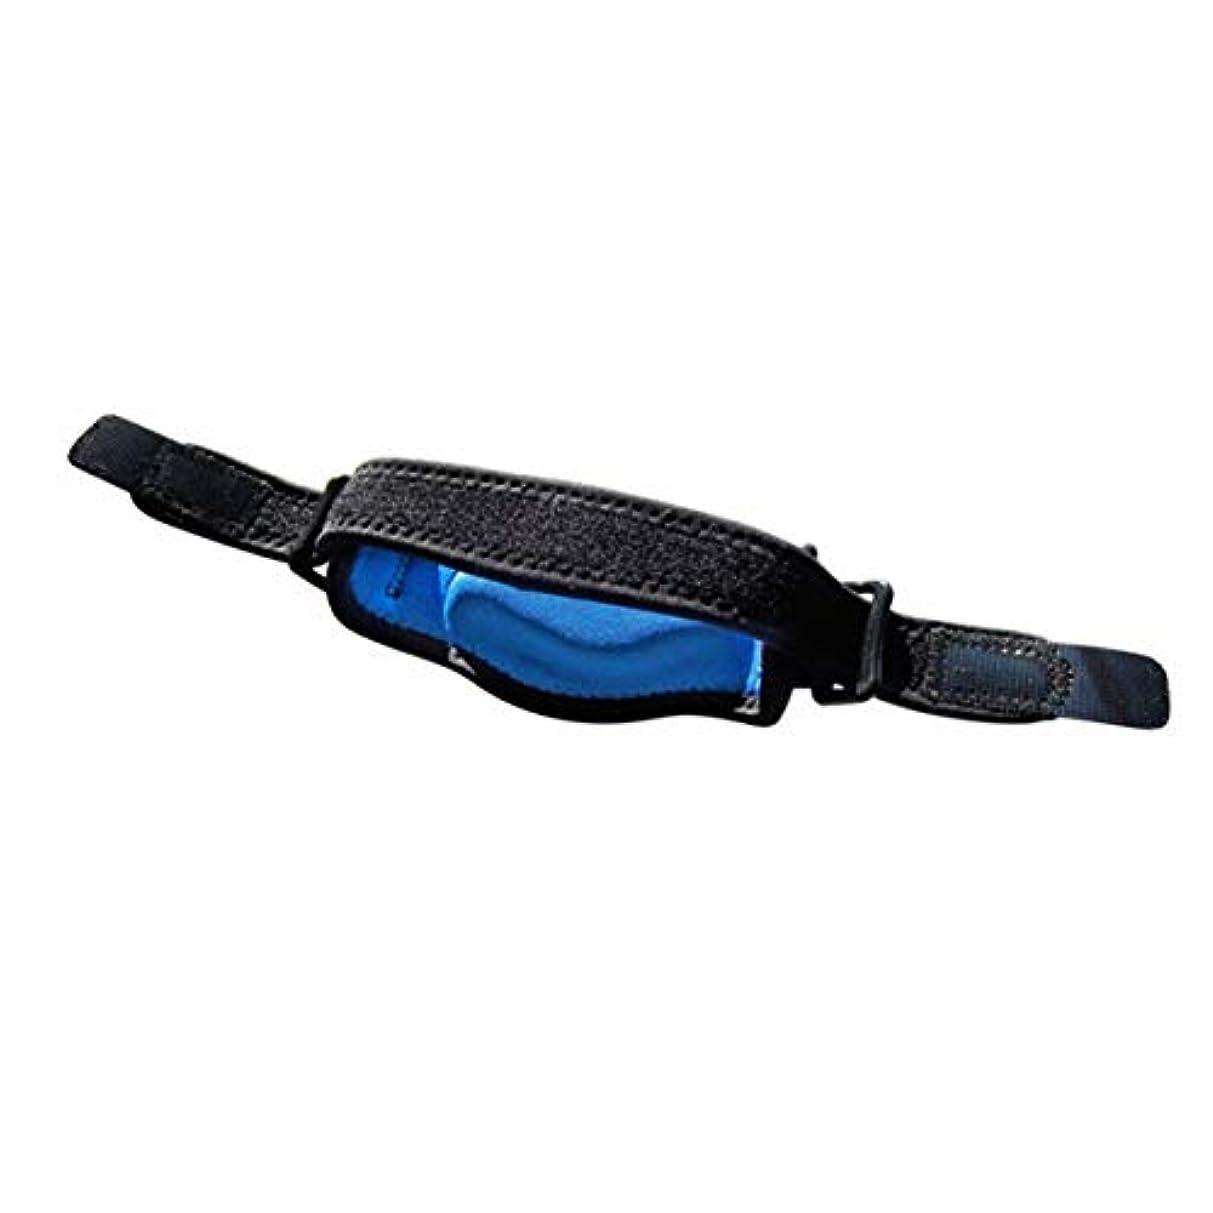 分布納屋まっすぐ調節可能なテニス肘サポートストラップブレースゴルフ前腕痛み緩和